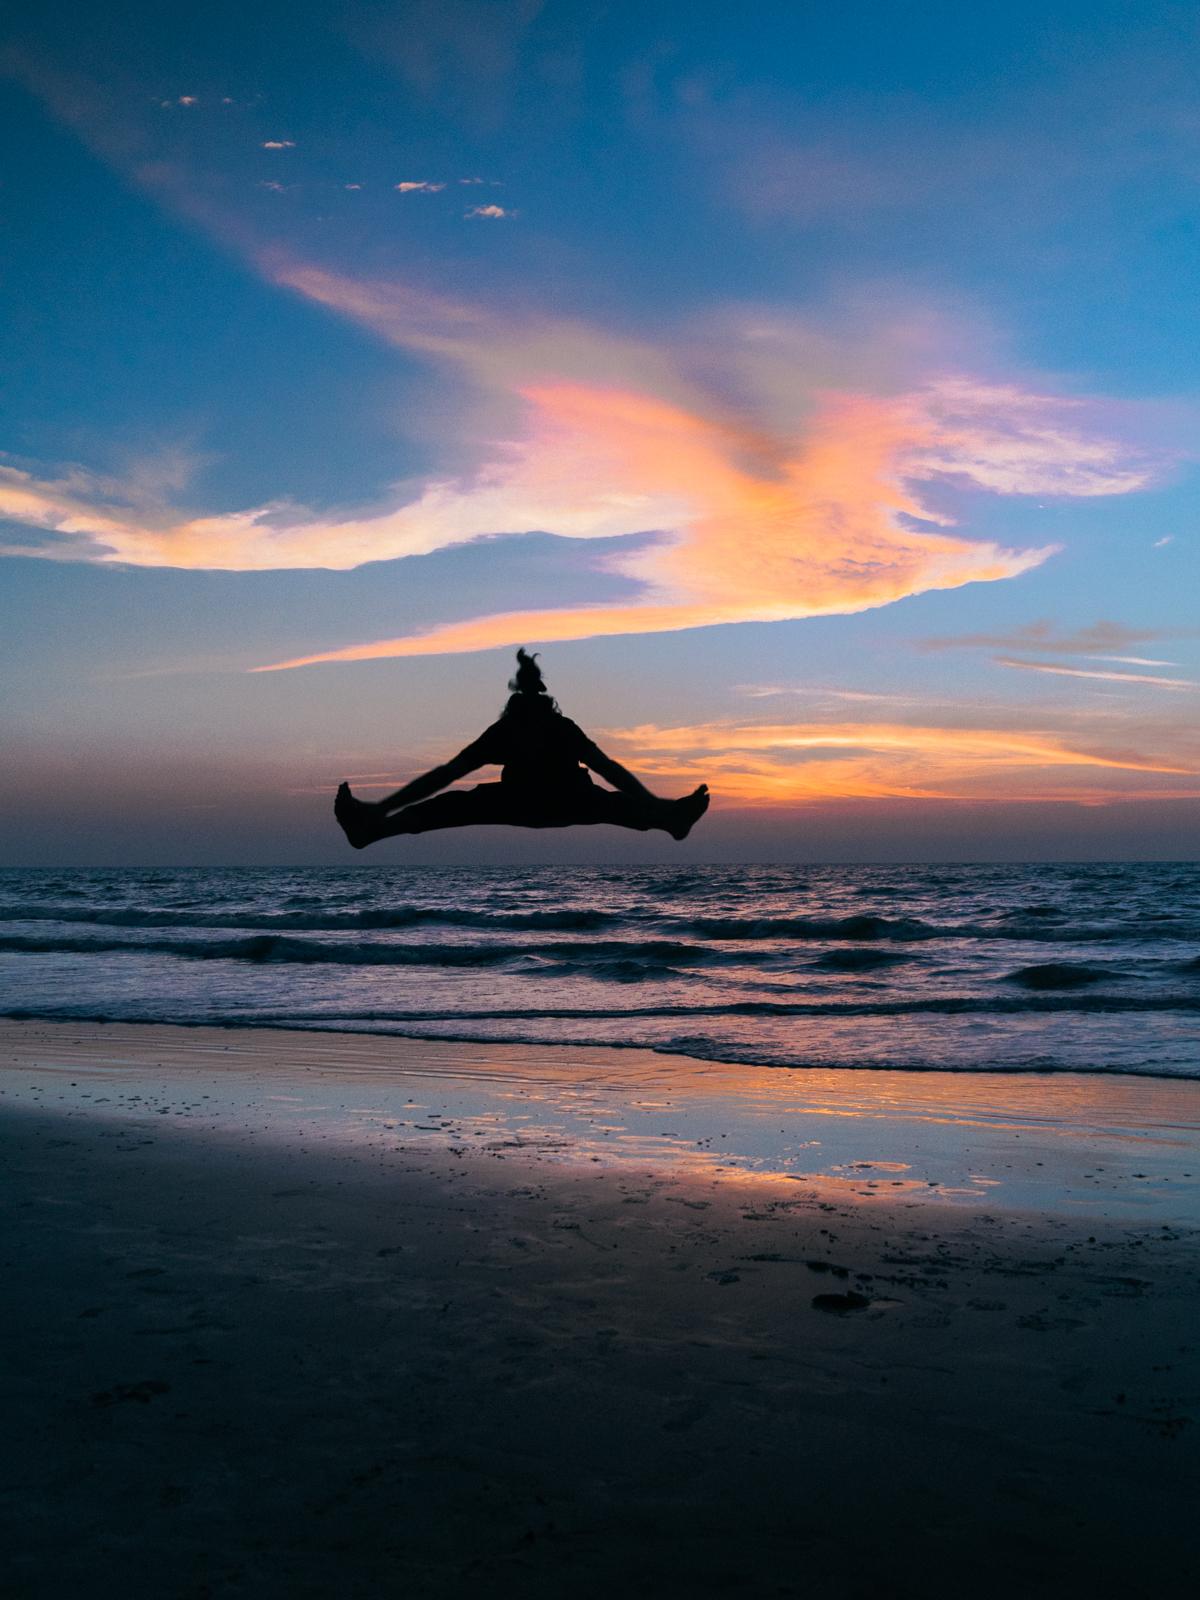 tusan beach malaysia